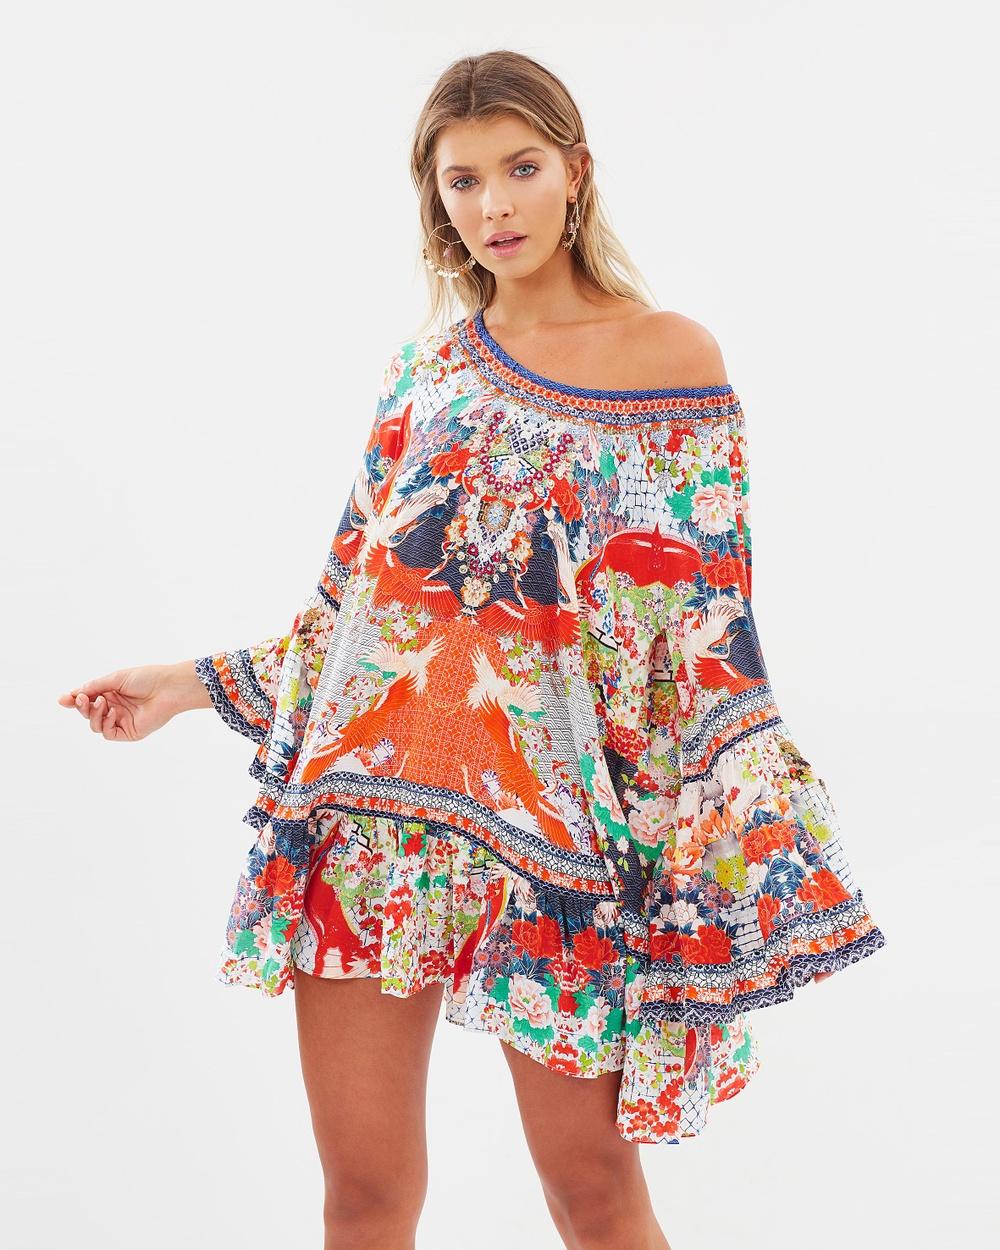 Camilla A Line Frill Dress Printed Dresses Geisha Girl A-Line Frill Dress